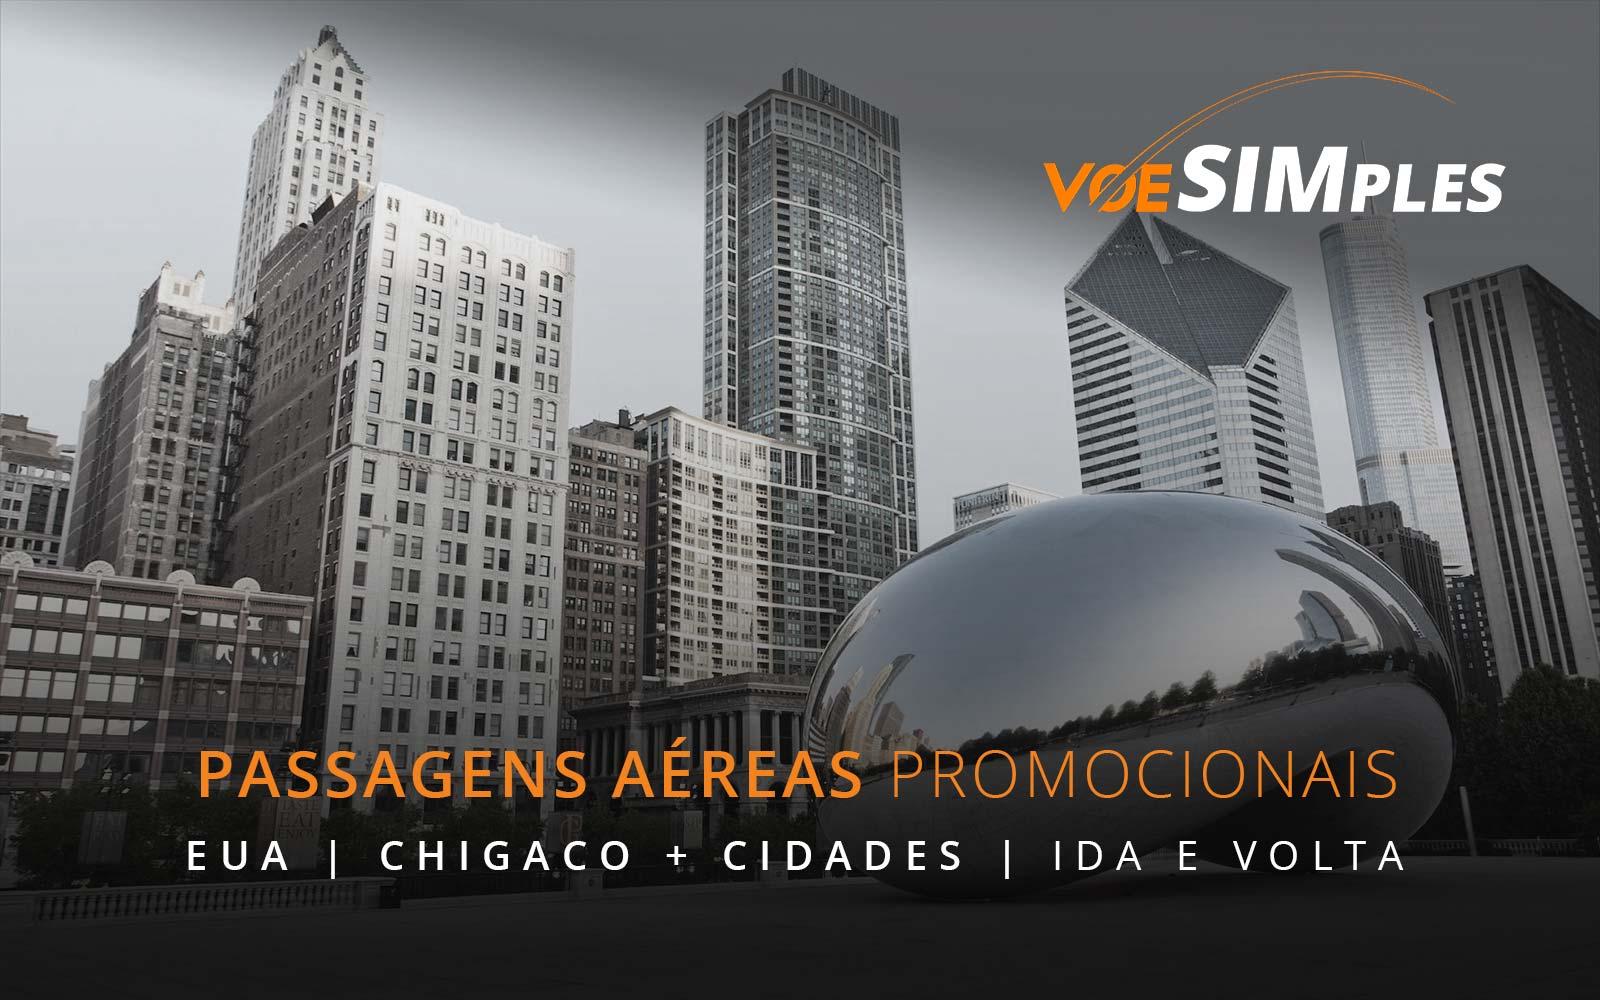 Passagens aéreas promocionais para Los Angeles, São Francisco, Chicago e Boston nos Estados Unidos